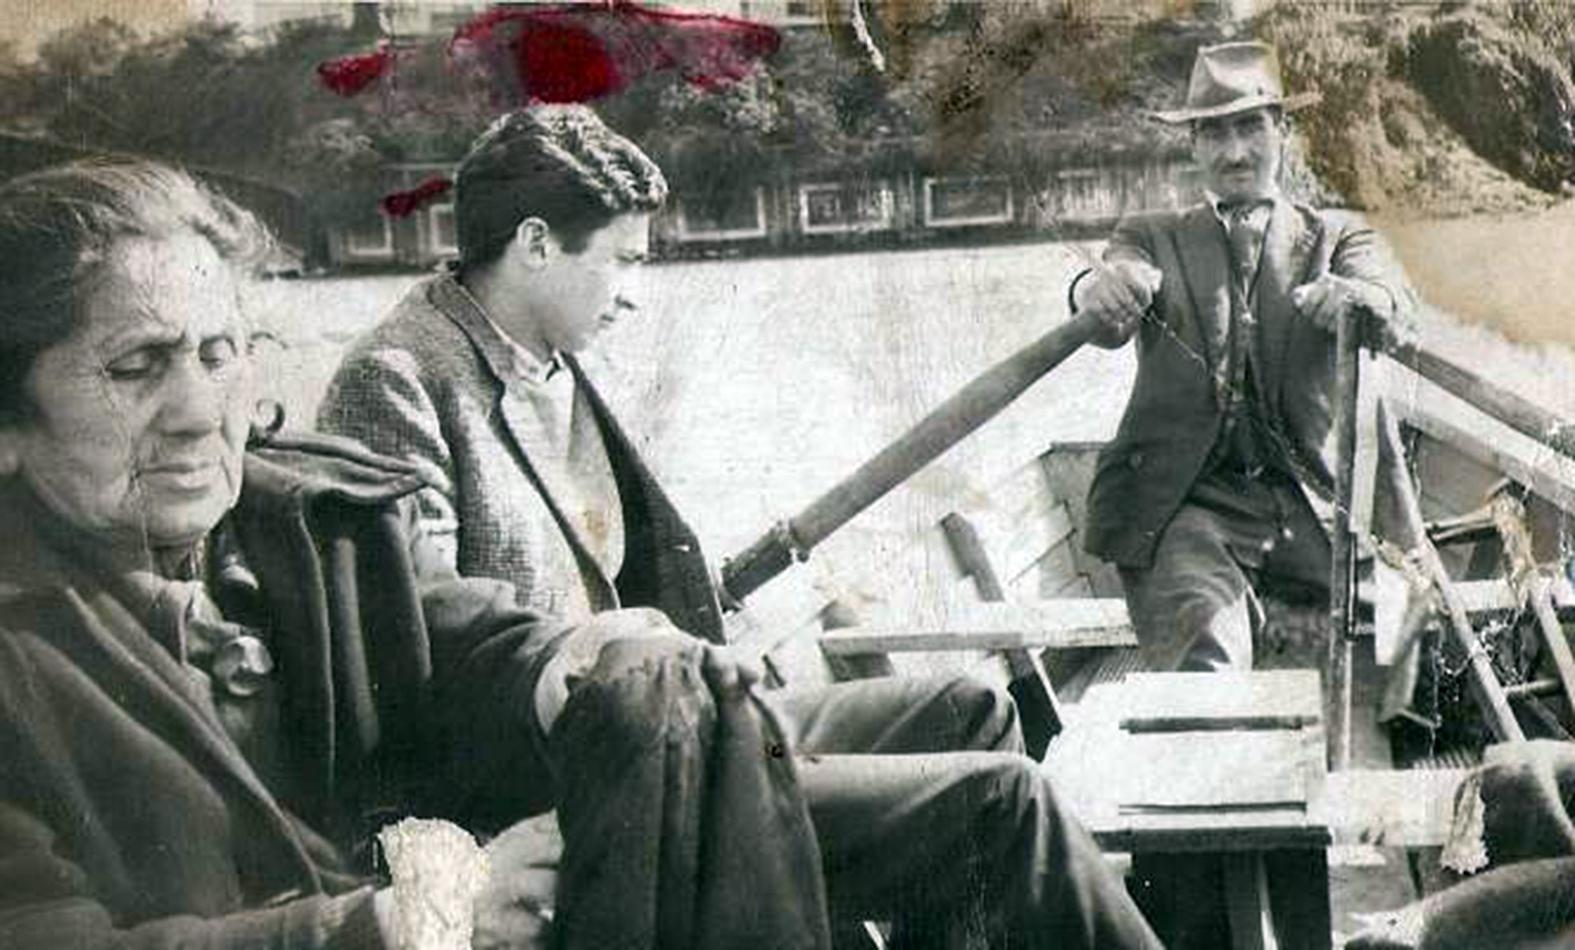 Enterreno - Fotos históricas de chile - fotos antiguas de Chile - Botero en el Río Calle Calle en 1955